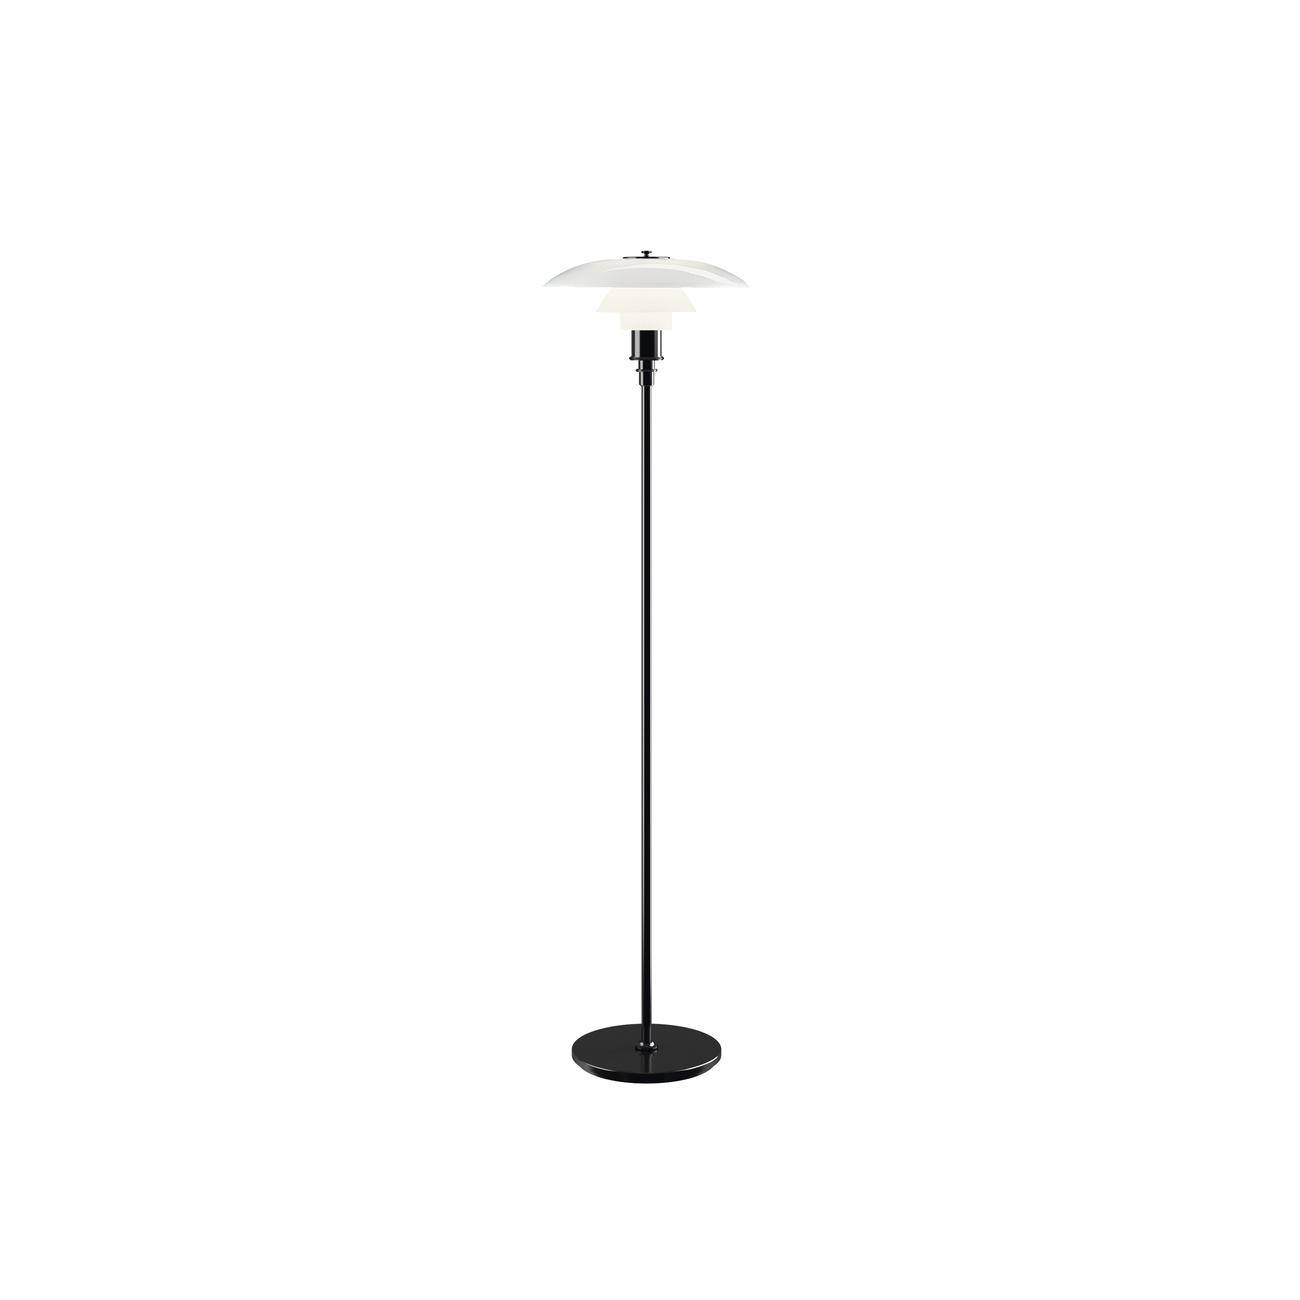 Louis Poulsen PH 3 1/2 - 2 1/2 vloerlamp-Zwart